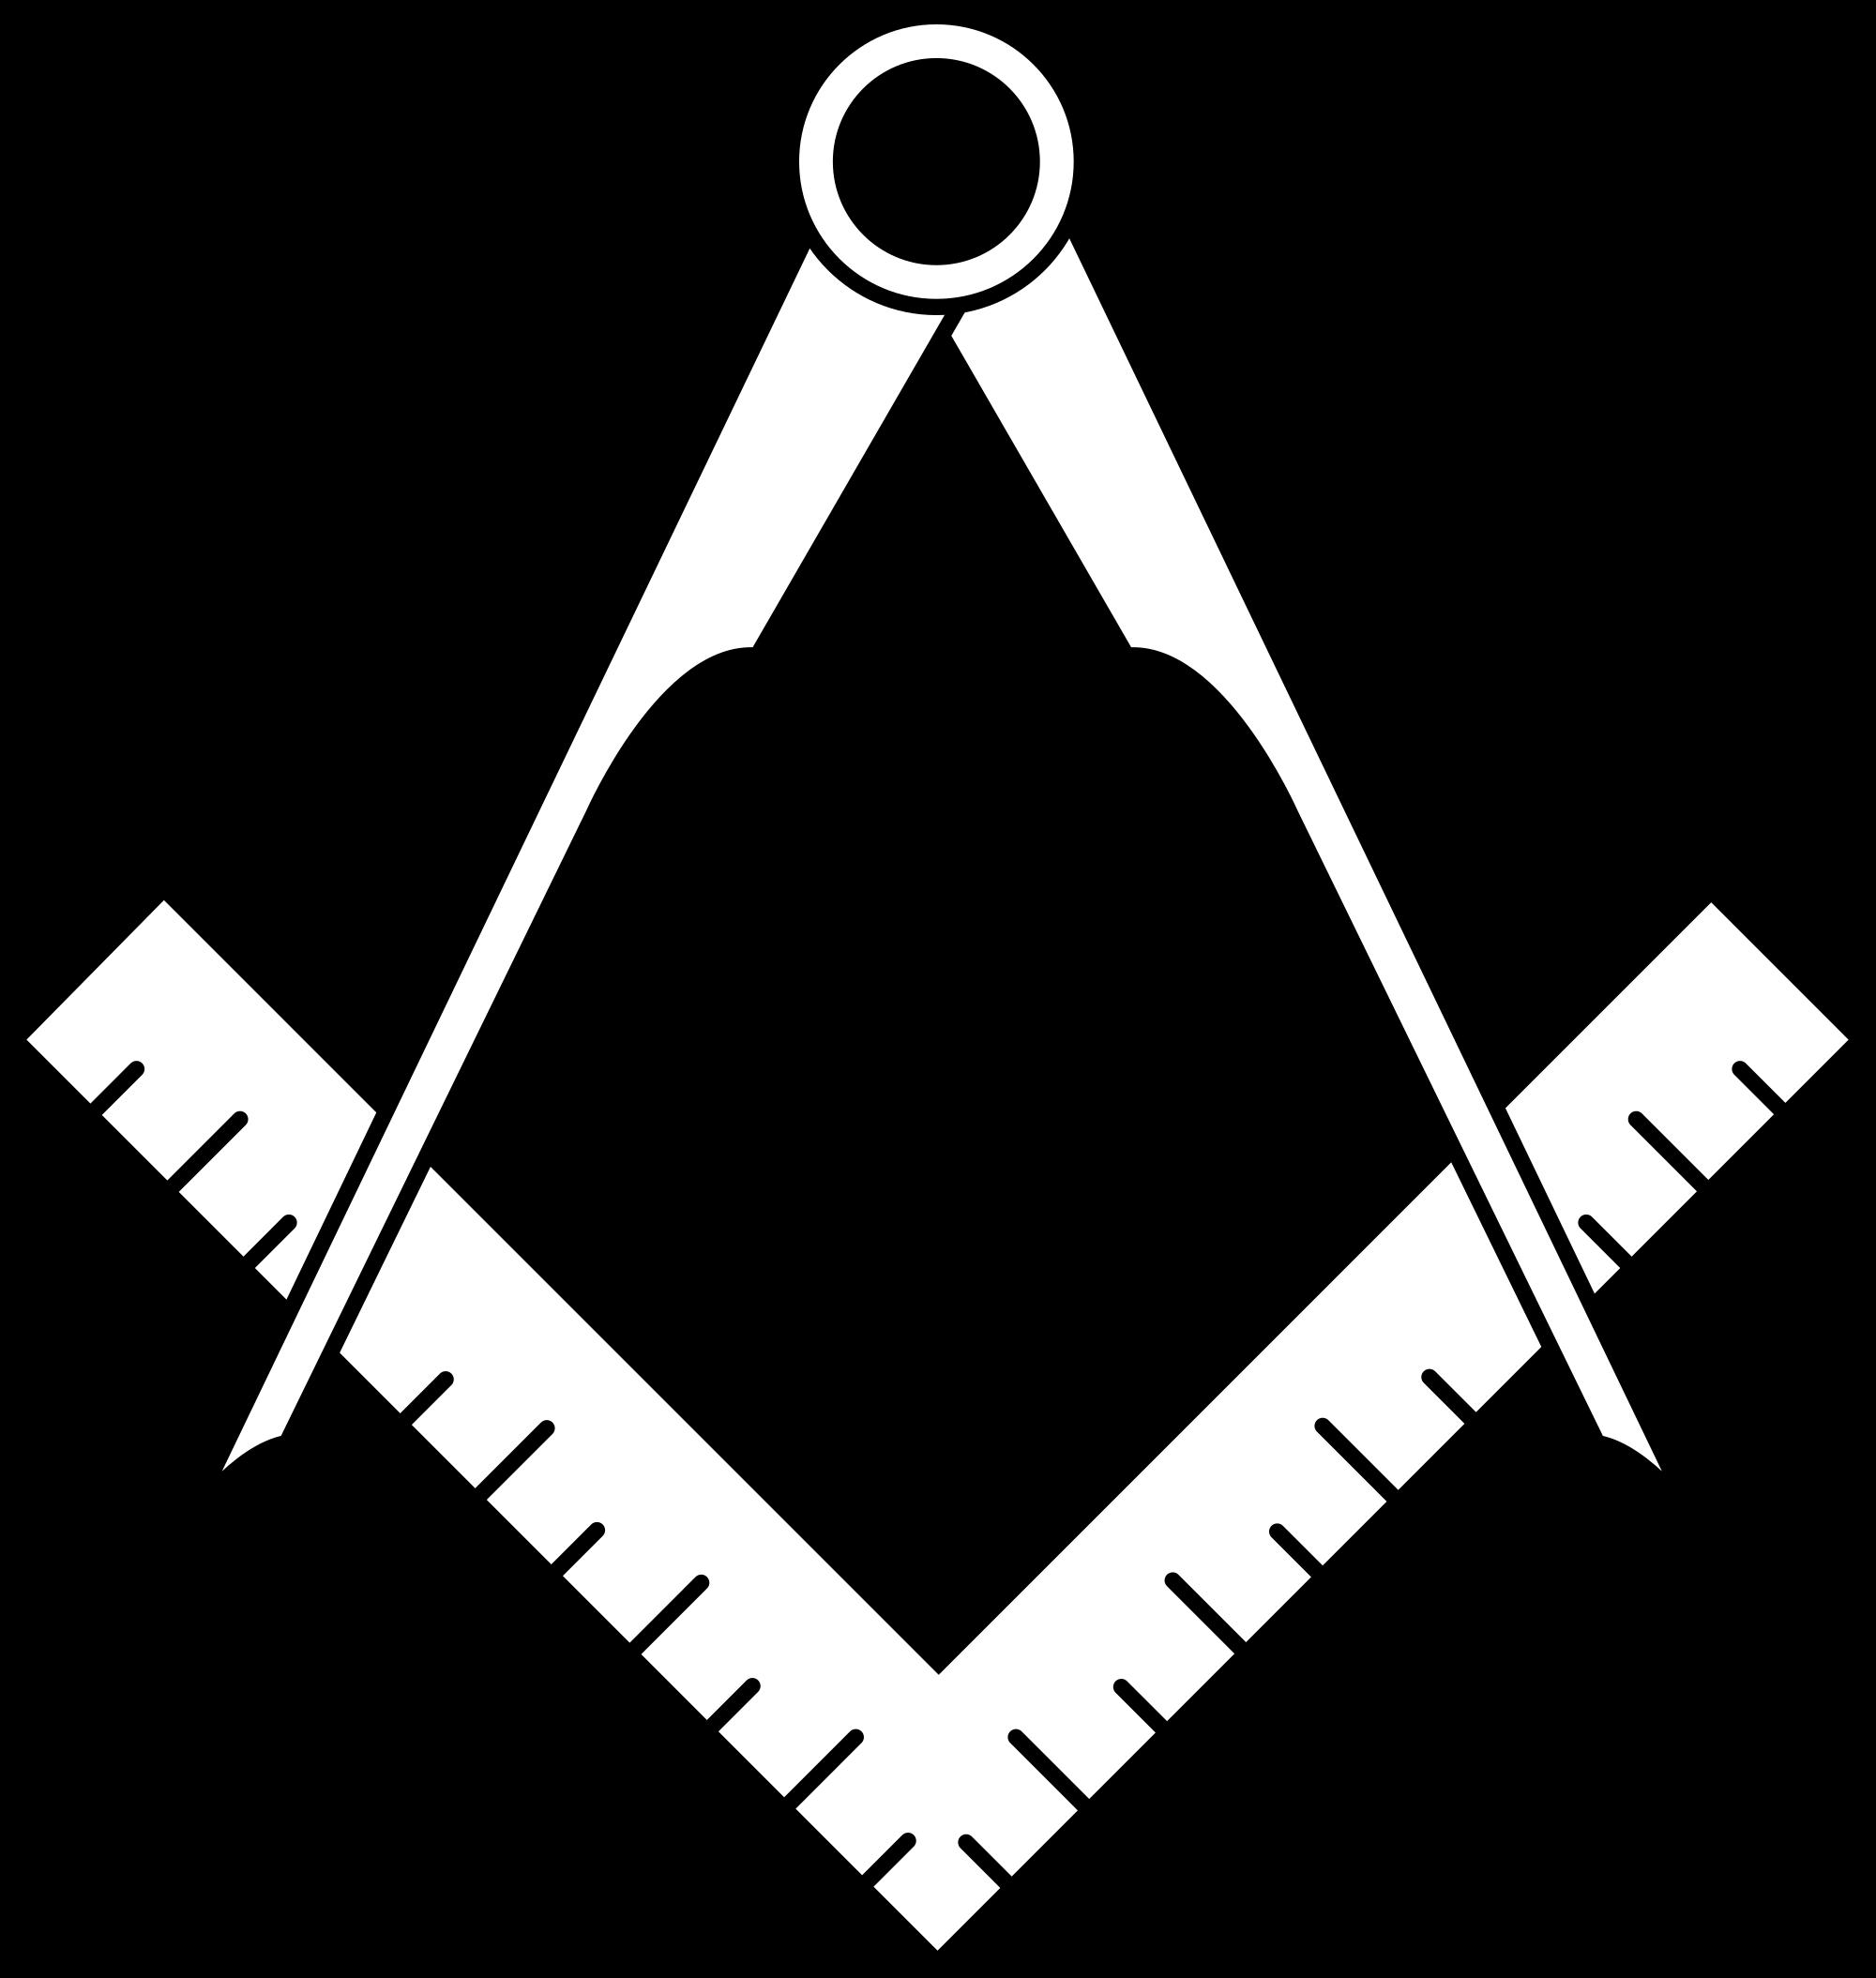 jpg free library Mason clipart square compass. File compasses svg wikimedia.